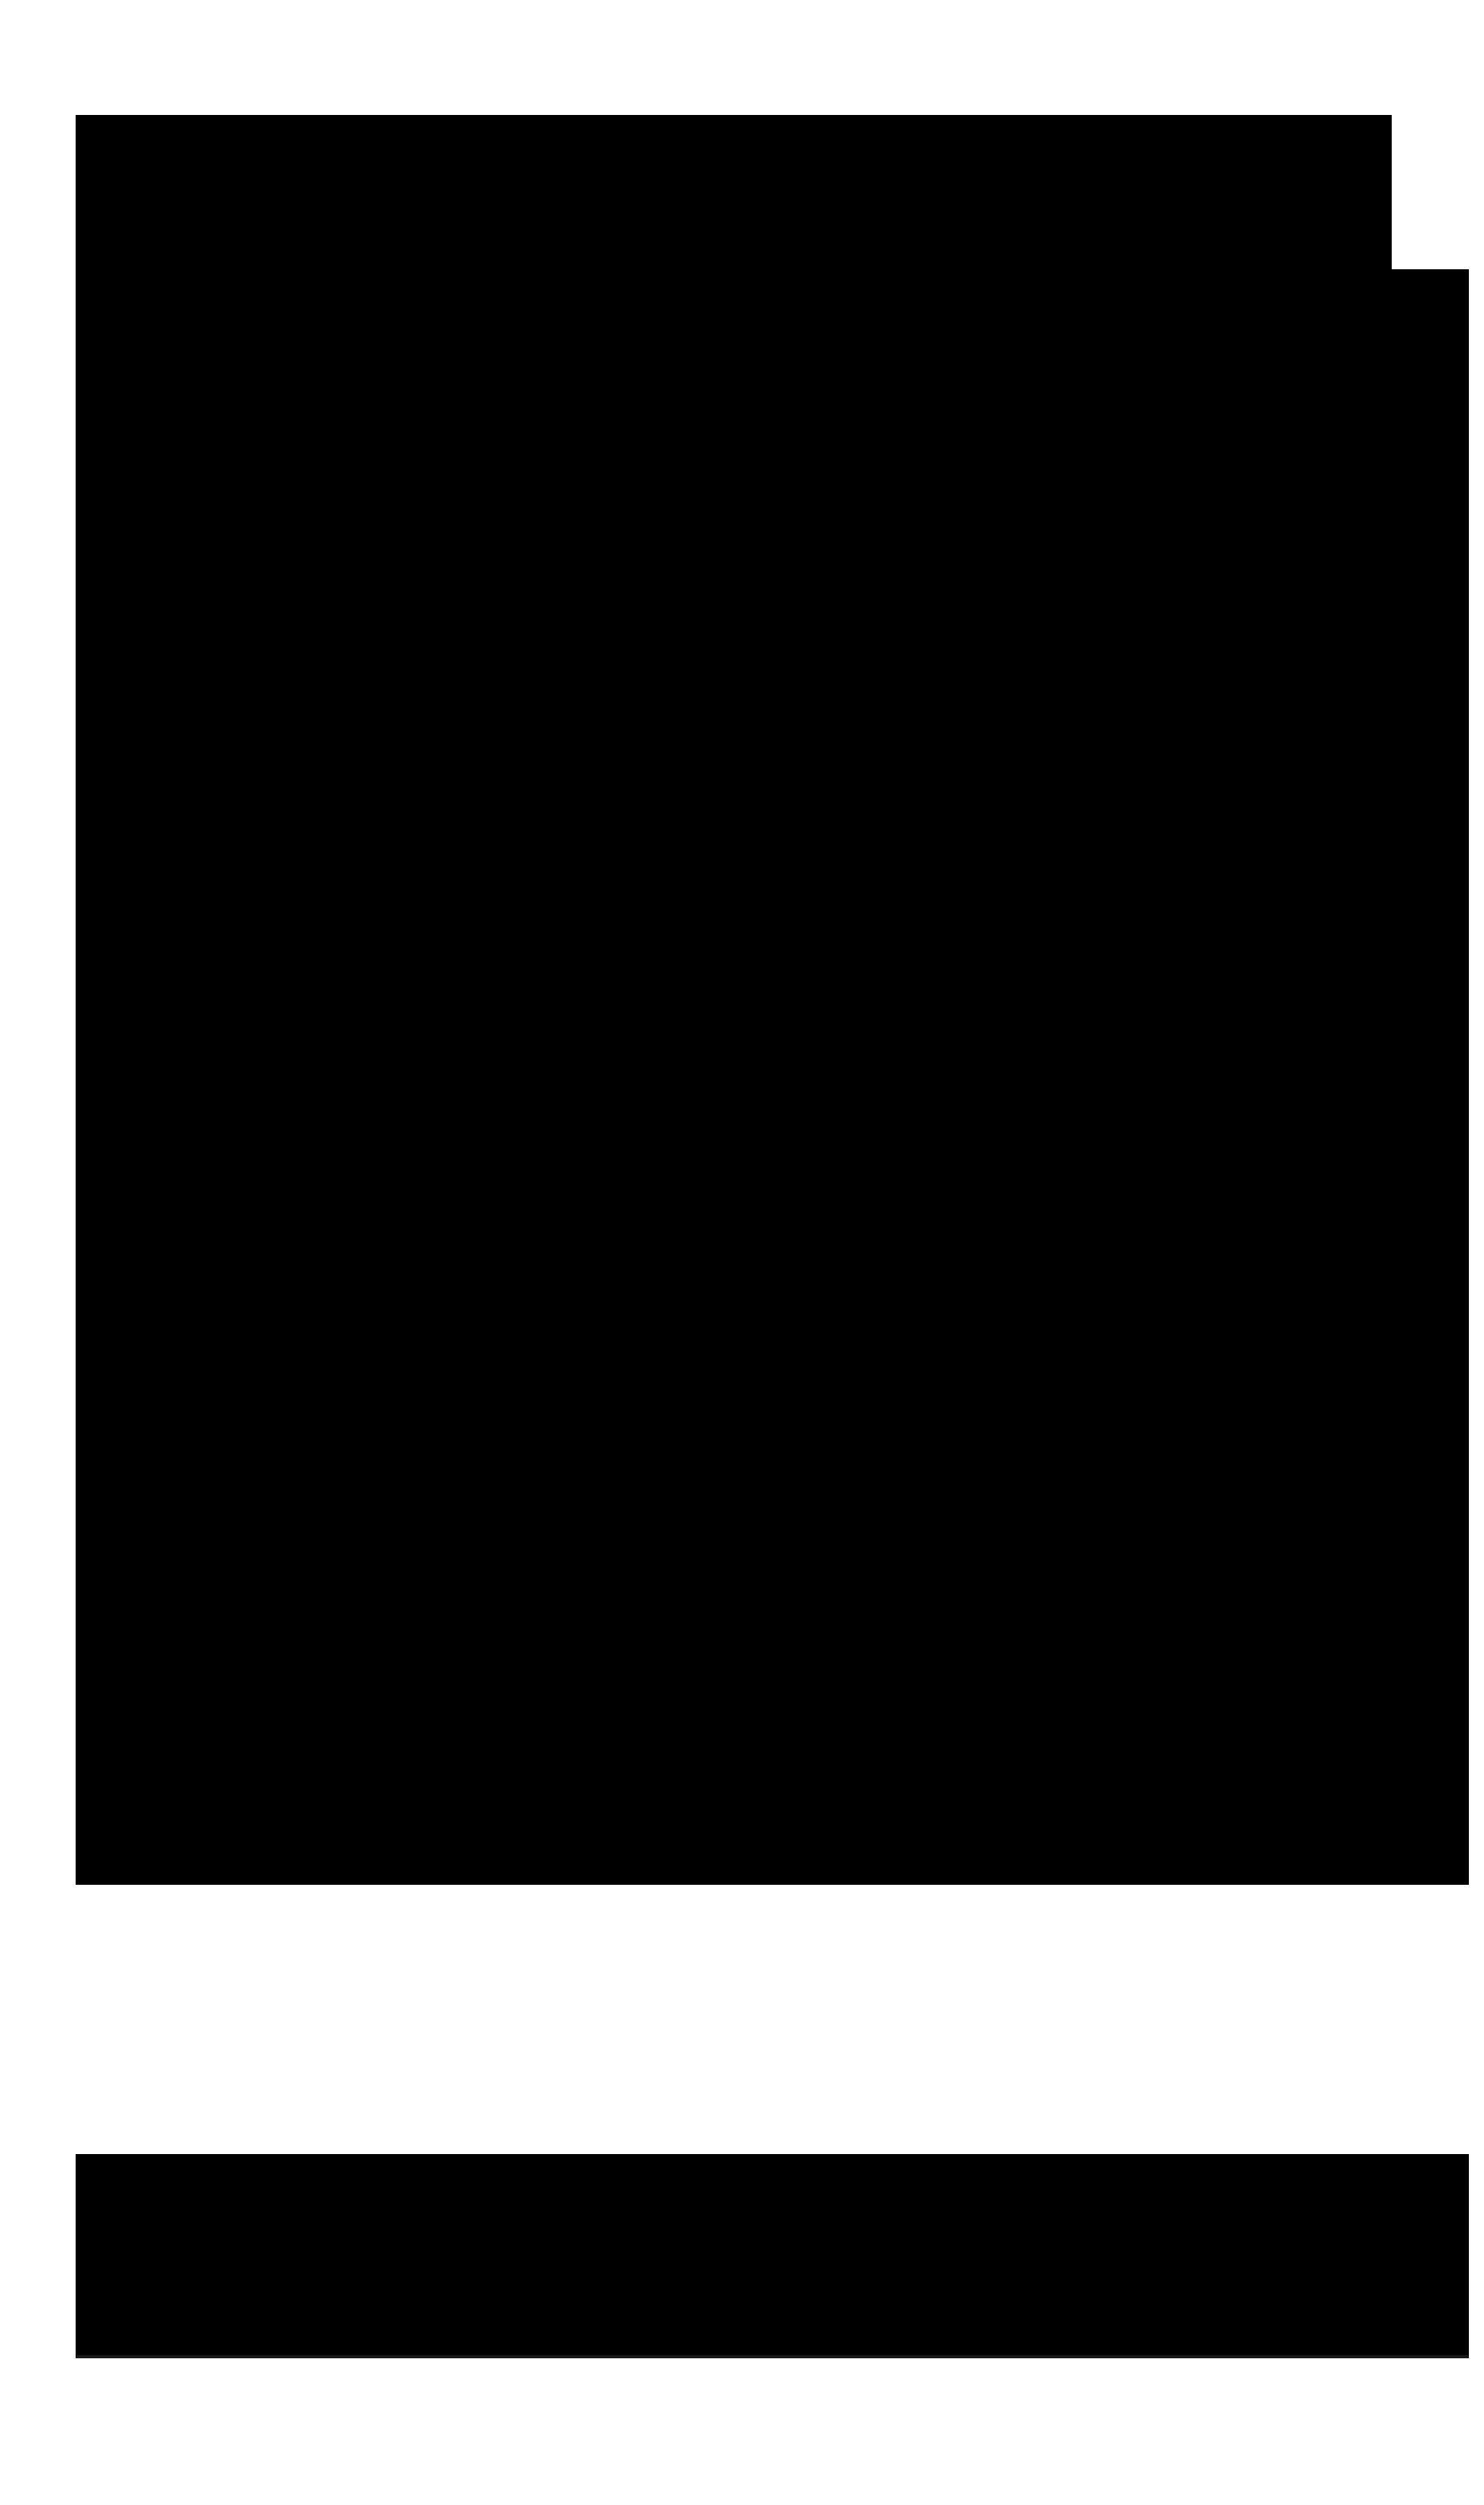 leistungskonzept-gas-1